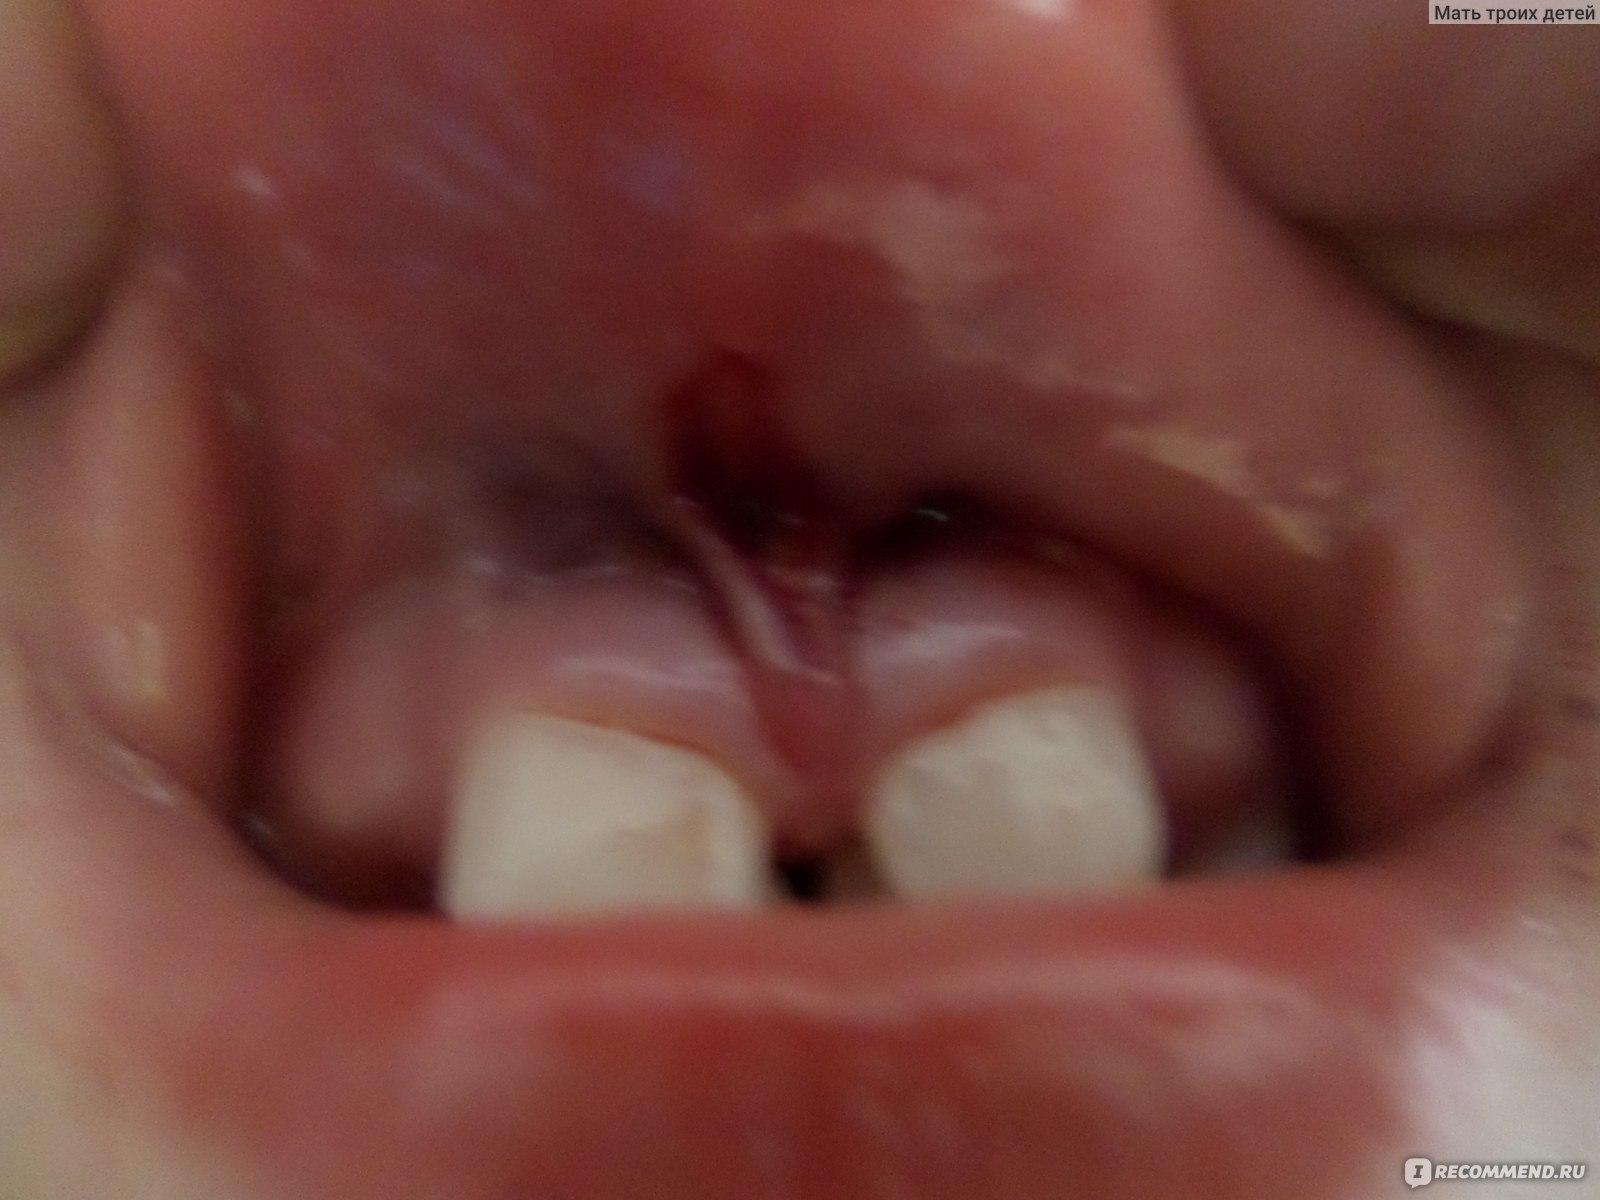 Короткая уздечка у ребенка языка и верхней губы: как определить и лечить